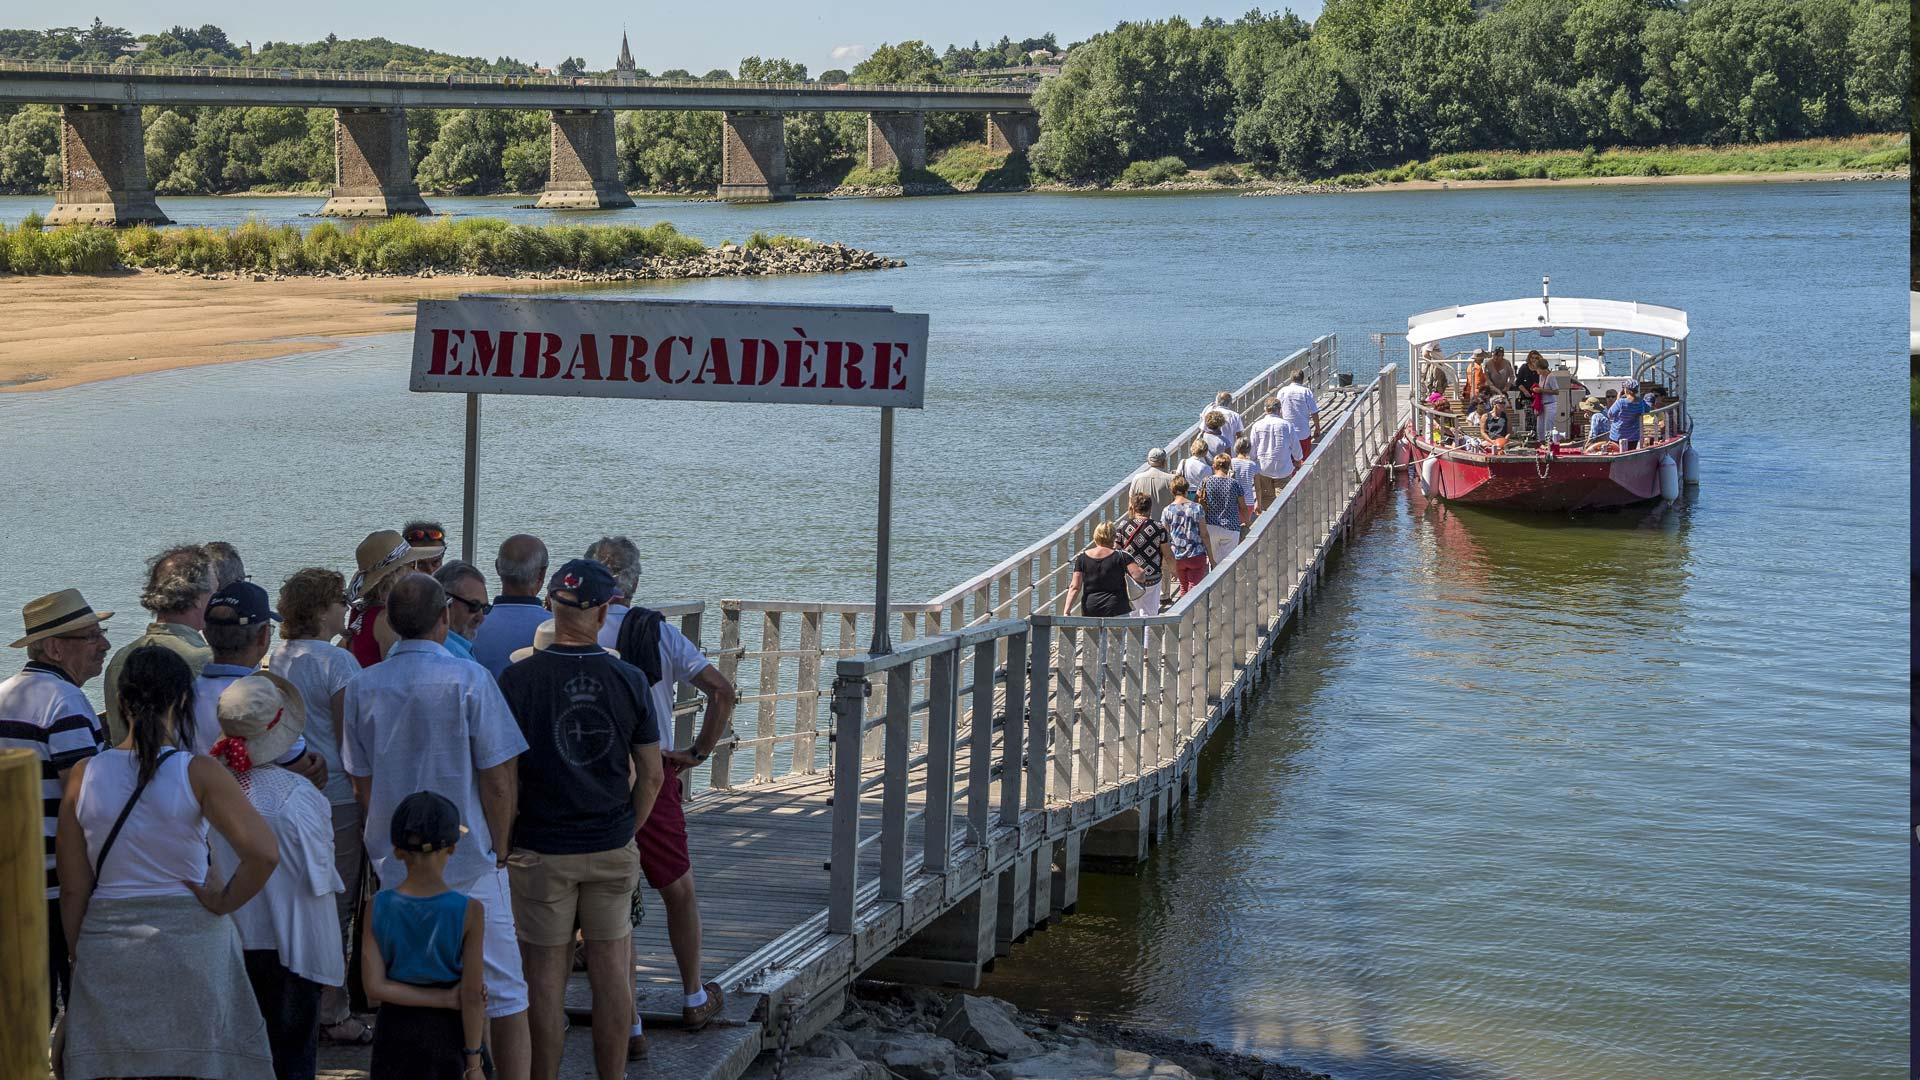 Embarquement croisière en Loire